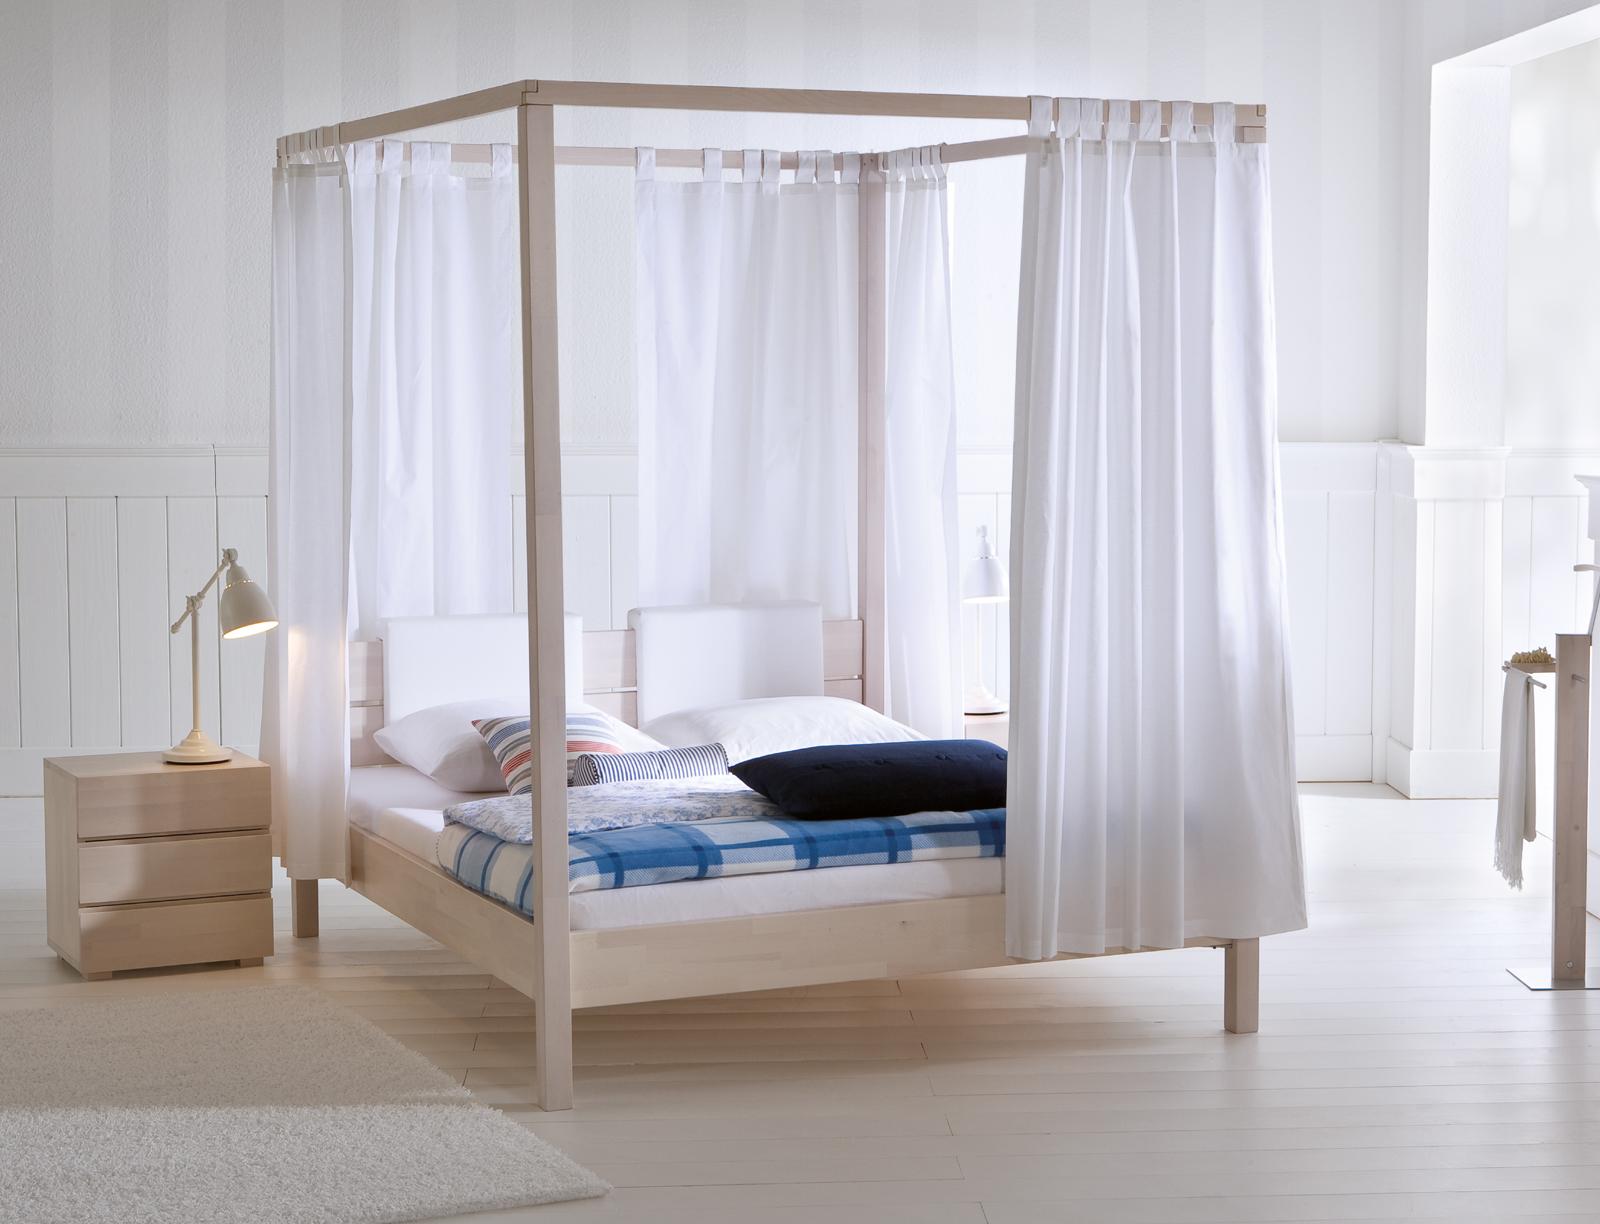 Full Size of Günstiges Bett Betten Und Bettgestelle Im Test Vergleich 2020 Bettende Weiß 160x200 Jabo Mit Beleuchtung Bei Ikea 90x200 Kaufen Hamburg Günstige 180x200 Bett Günstiges Bett